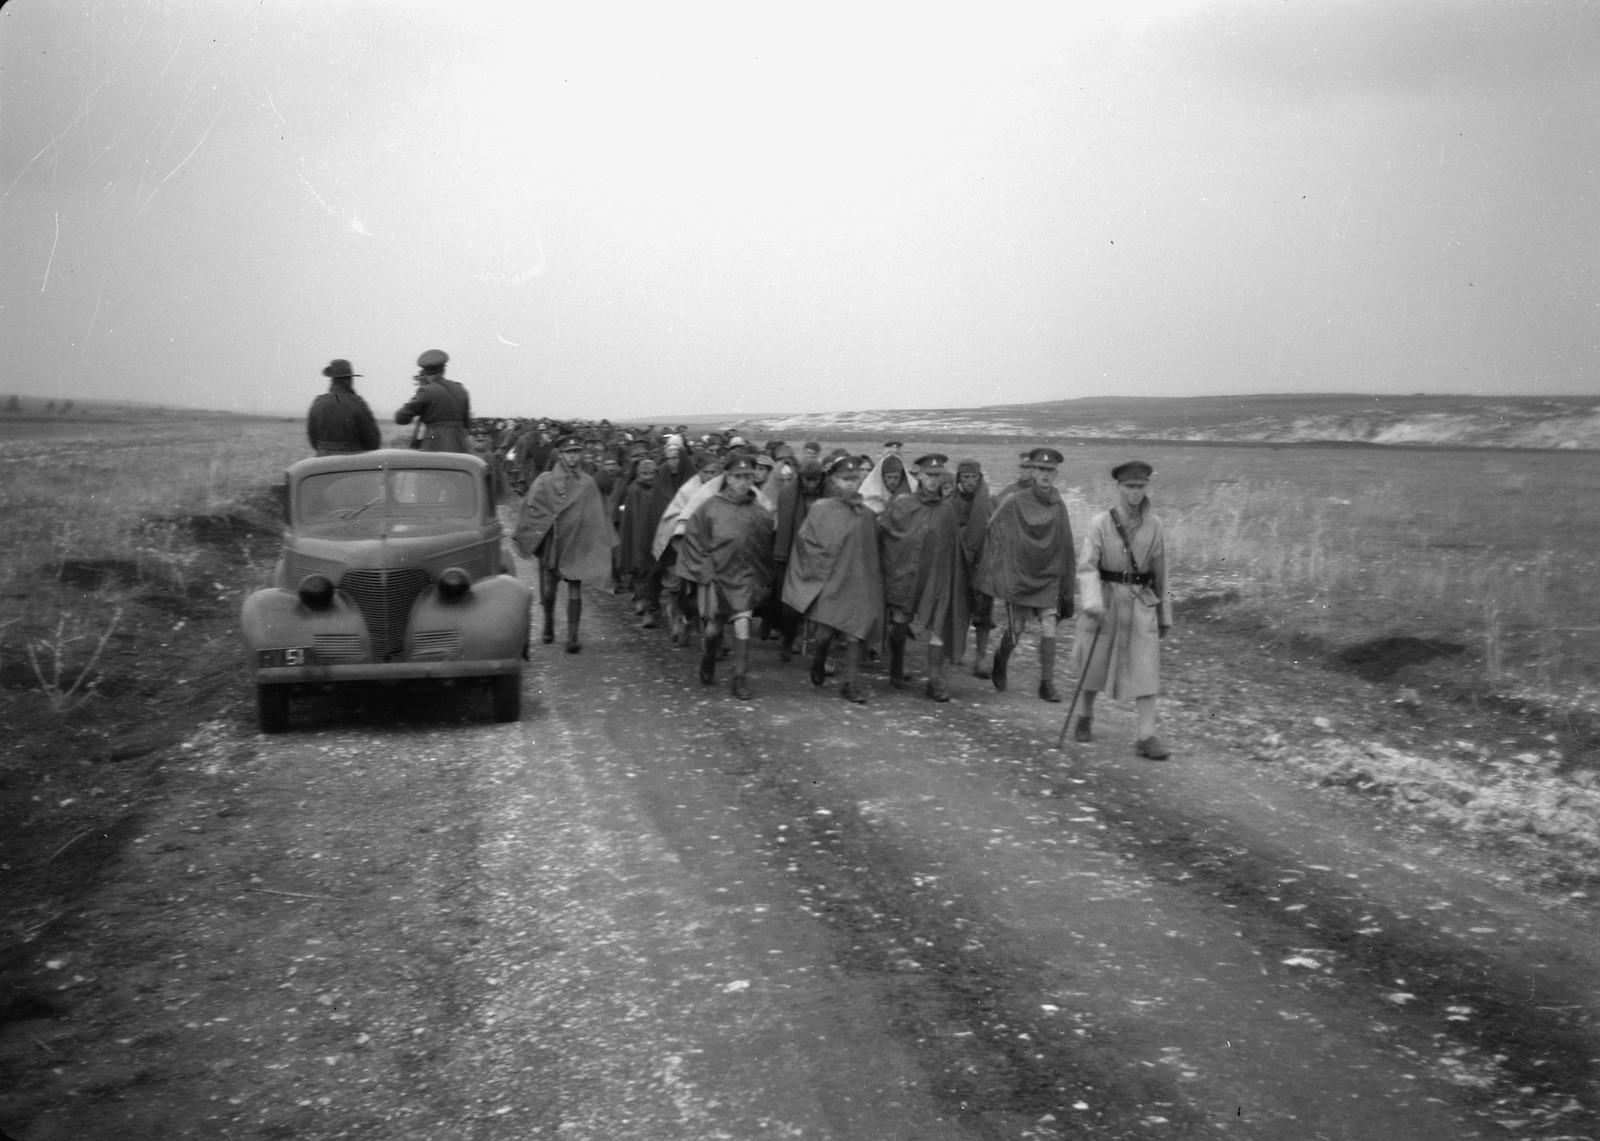 16. Колонна итальянских пленных идет по дороге под конвоем новозеландских солдат